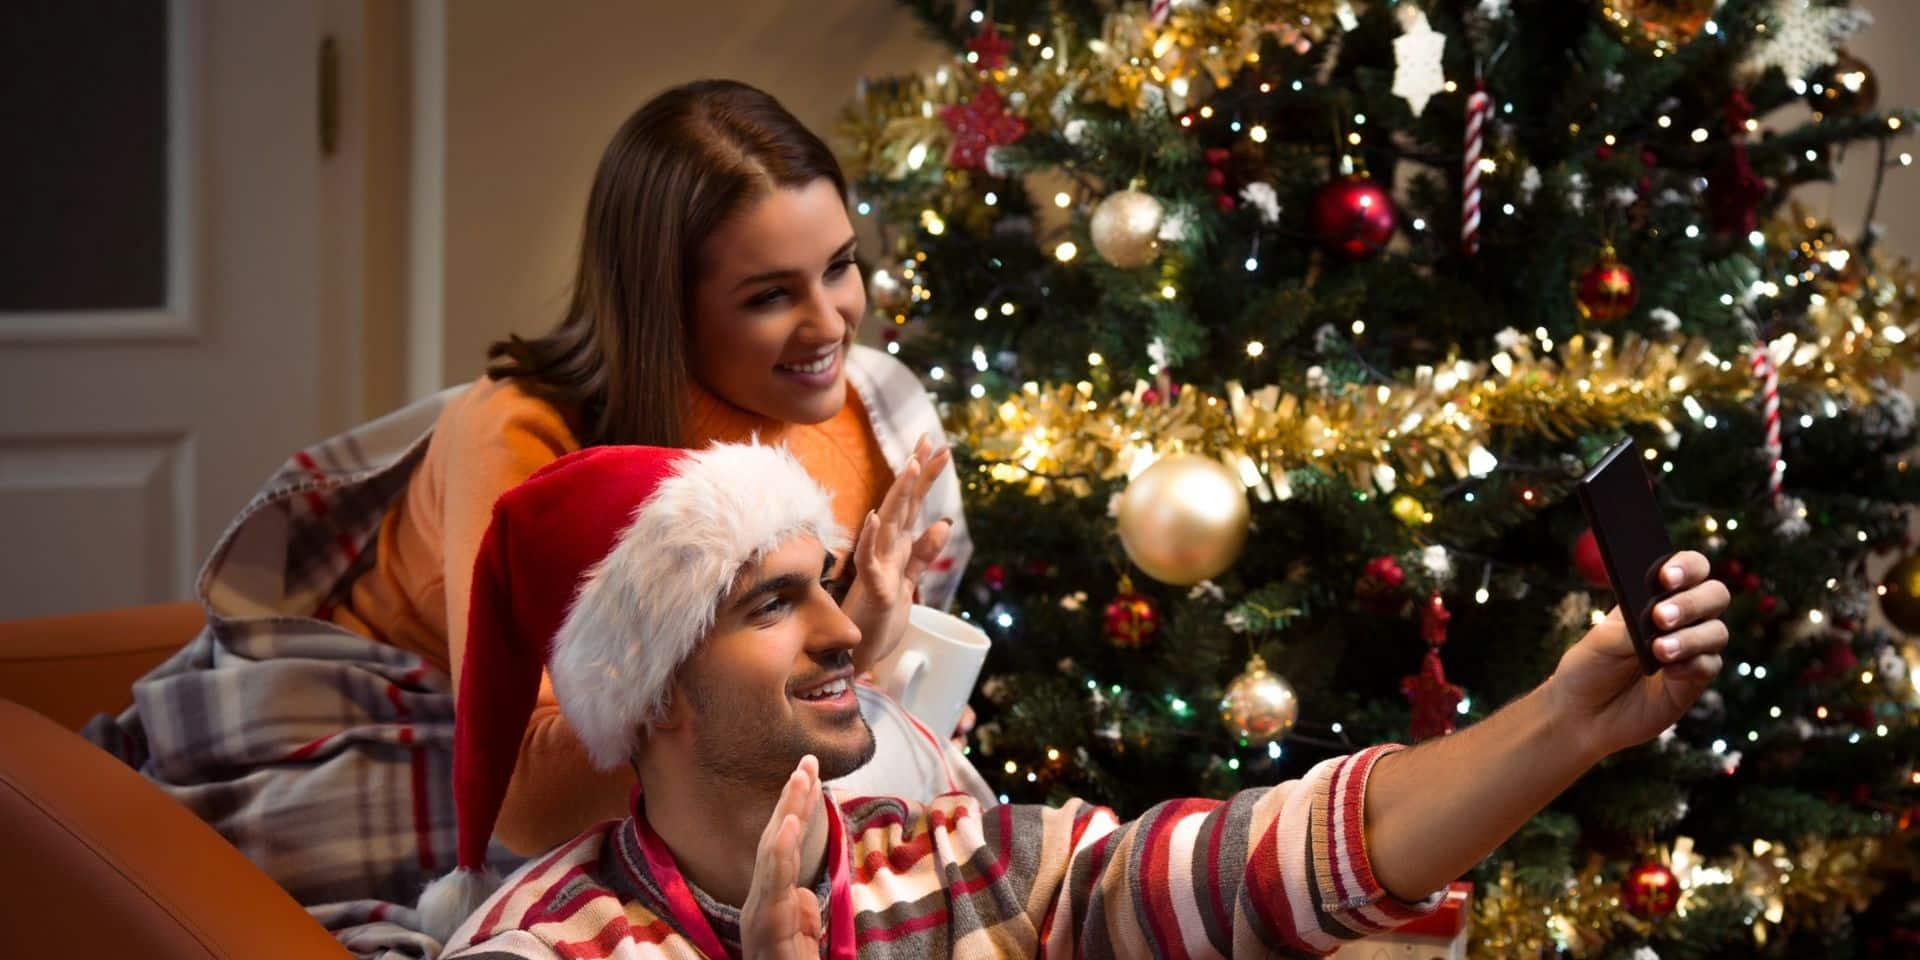 L'internet mobile, incontournable moyen pour se souhaiter un Joyeux Noël cette année